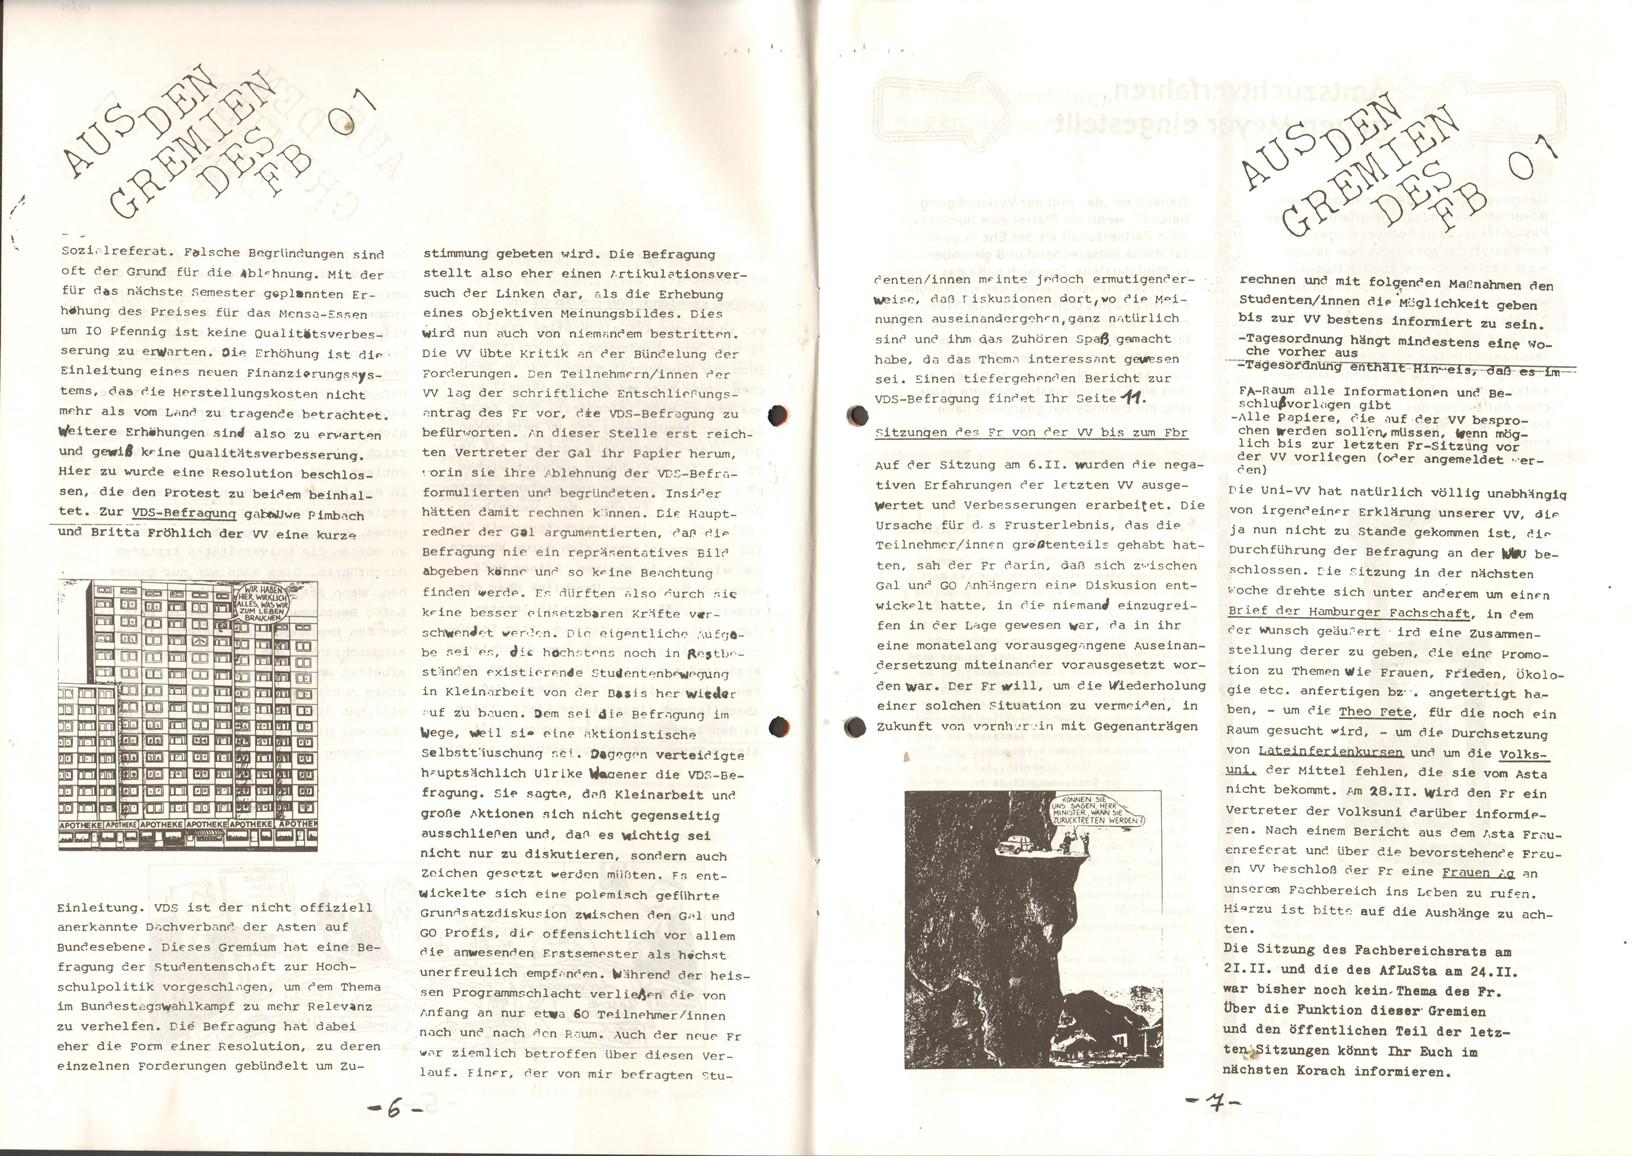 Muenster_Roter_Korach_19861200_04